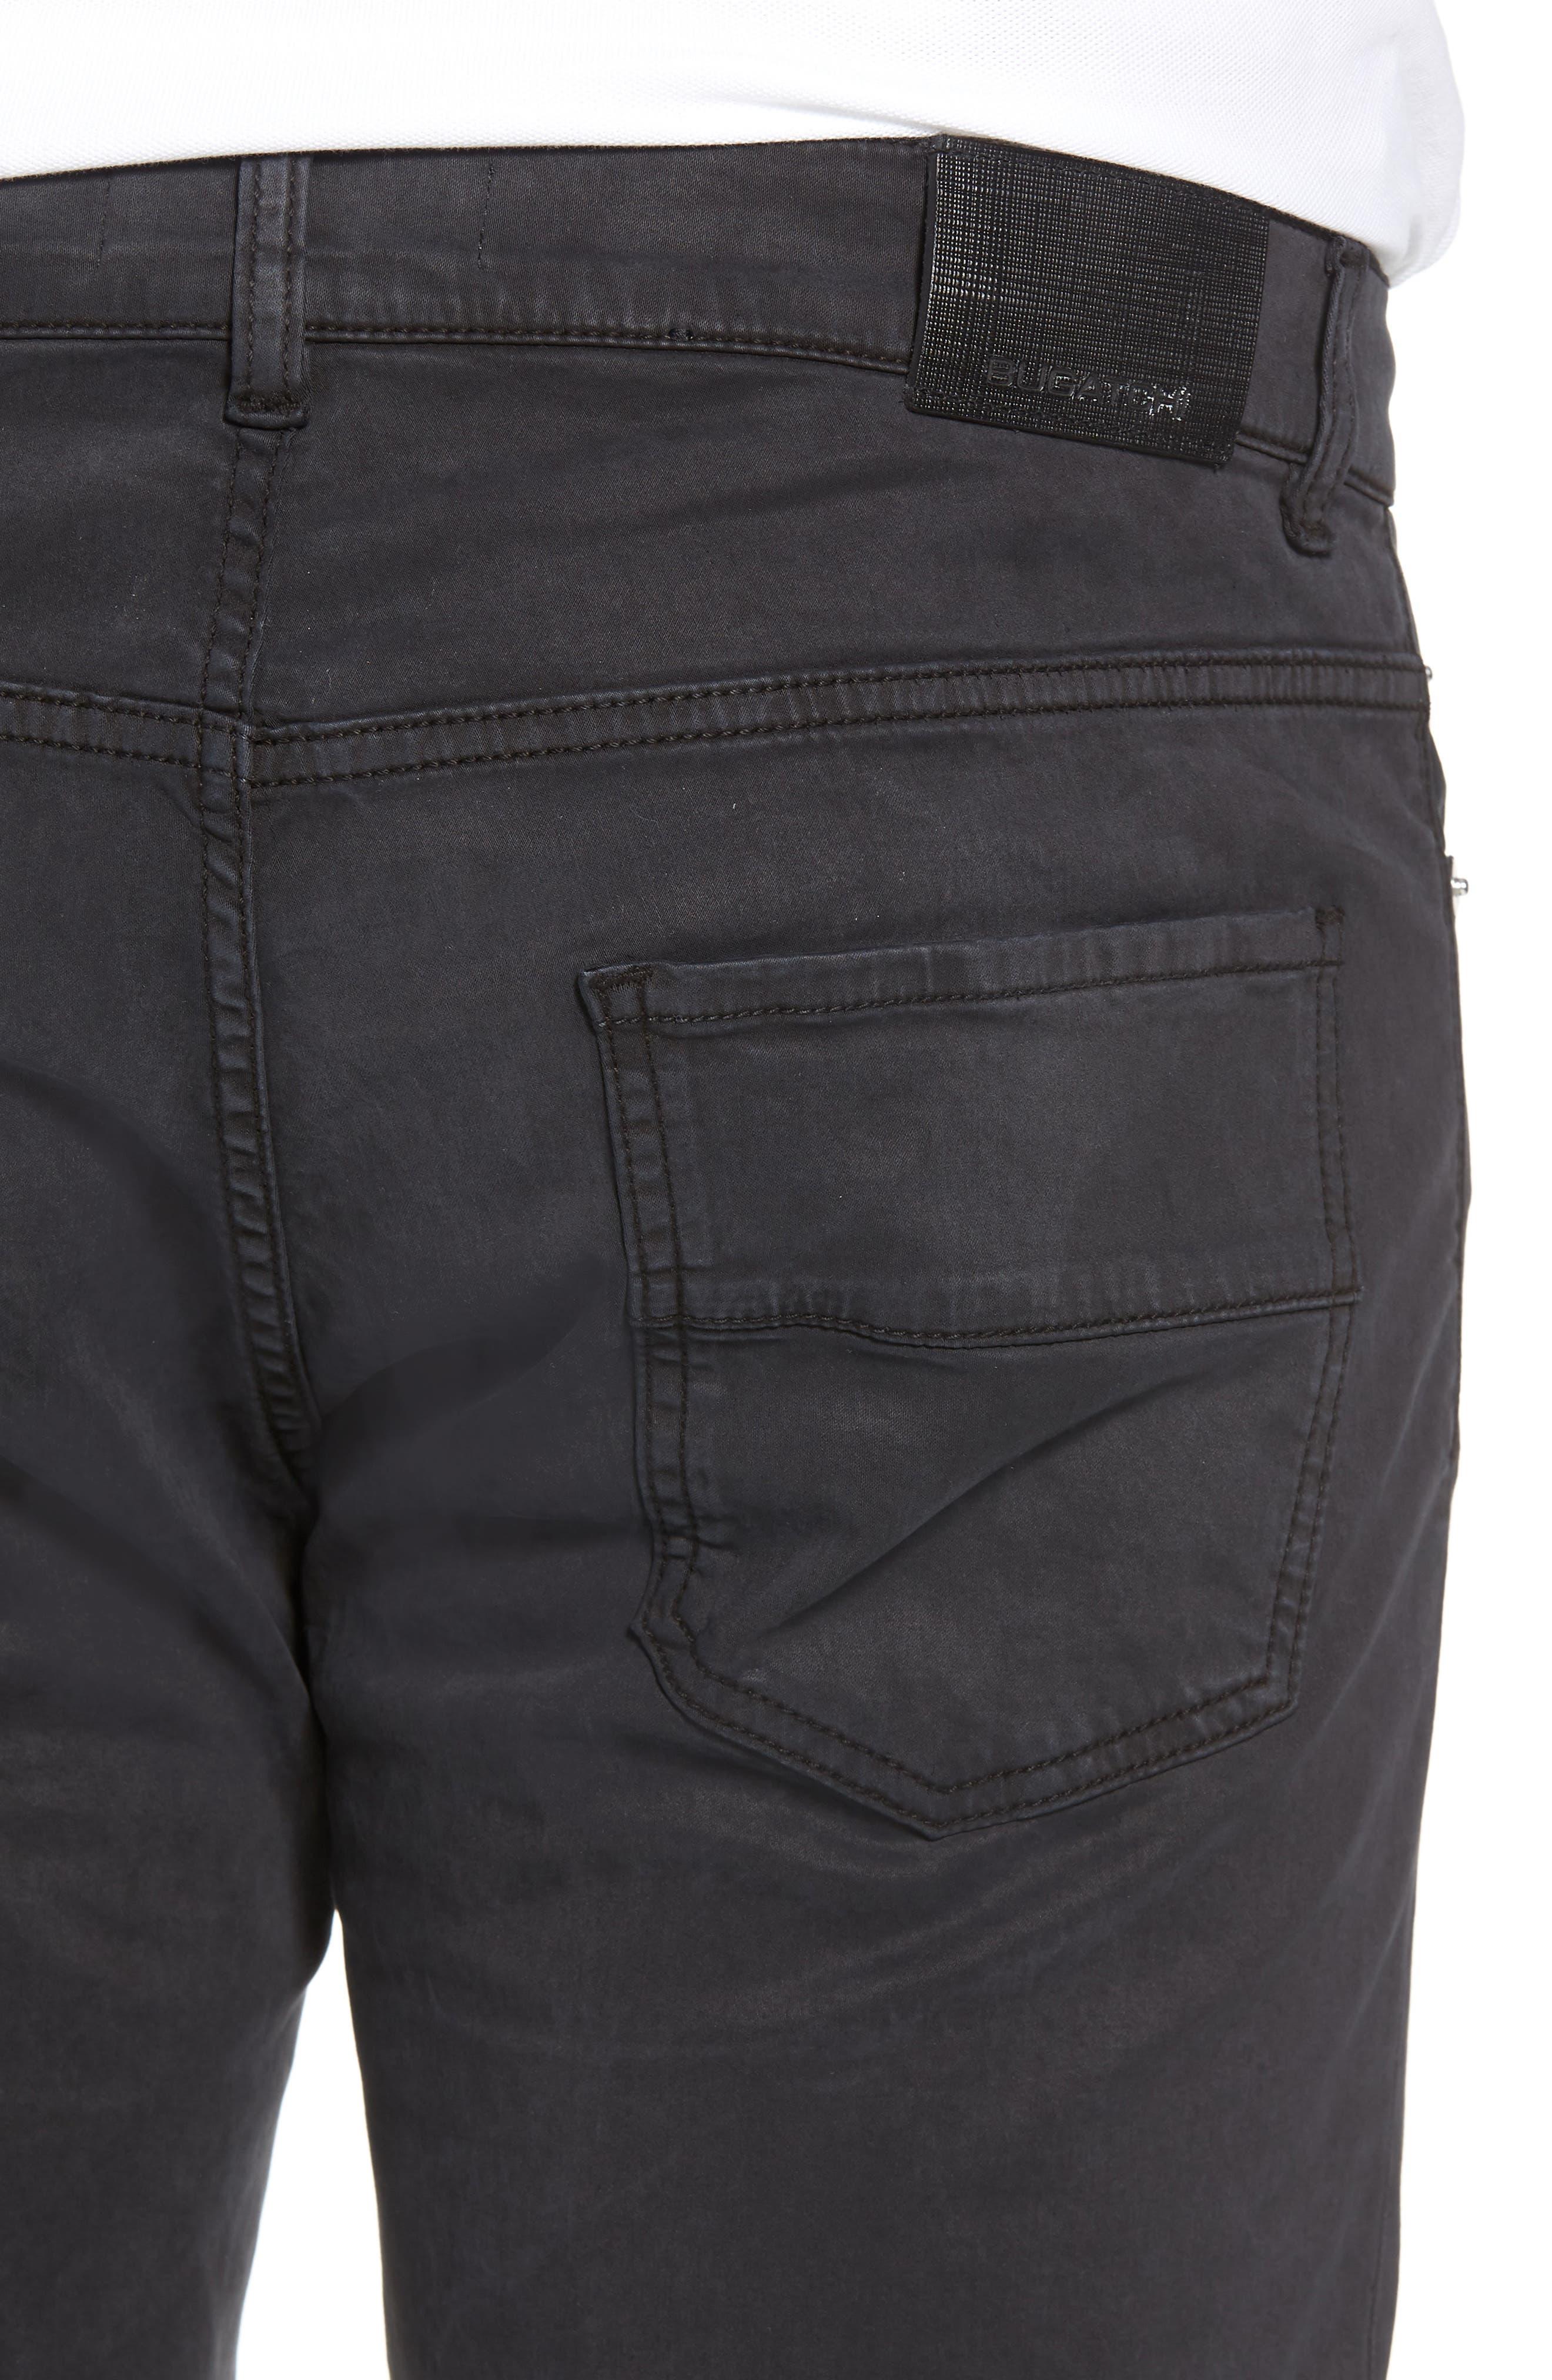 Trim Fit Pants,                             Alternate thumbnail 4, color,                             001